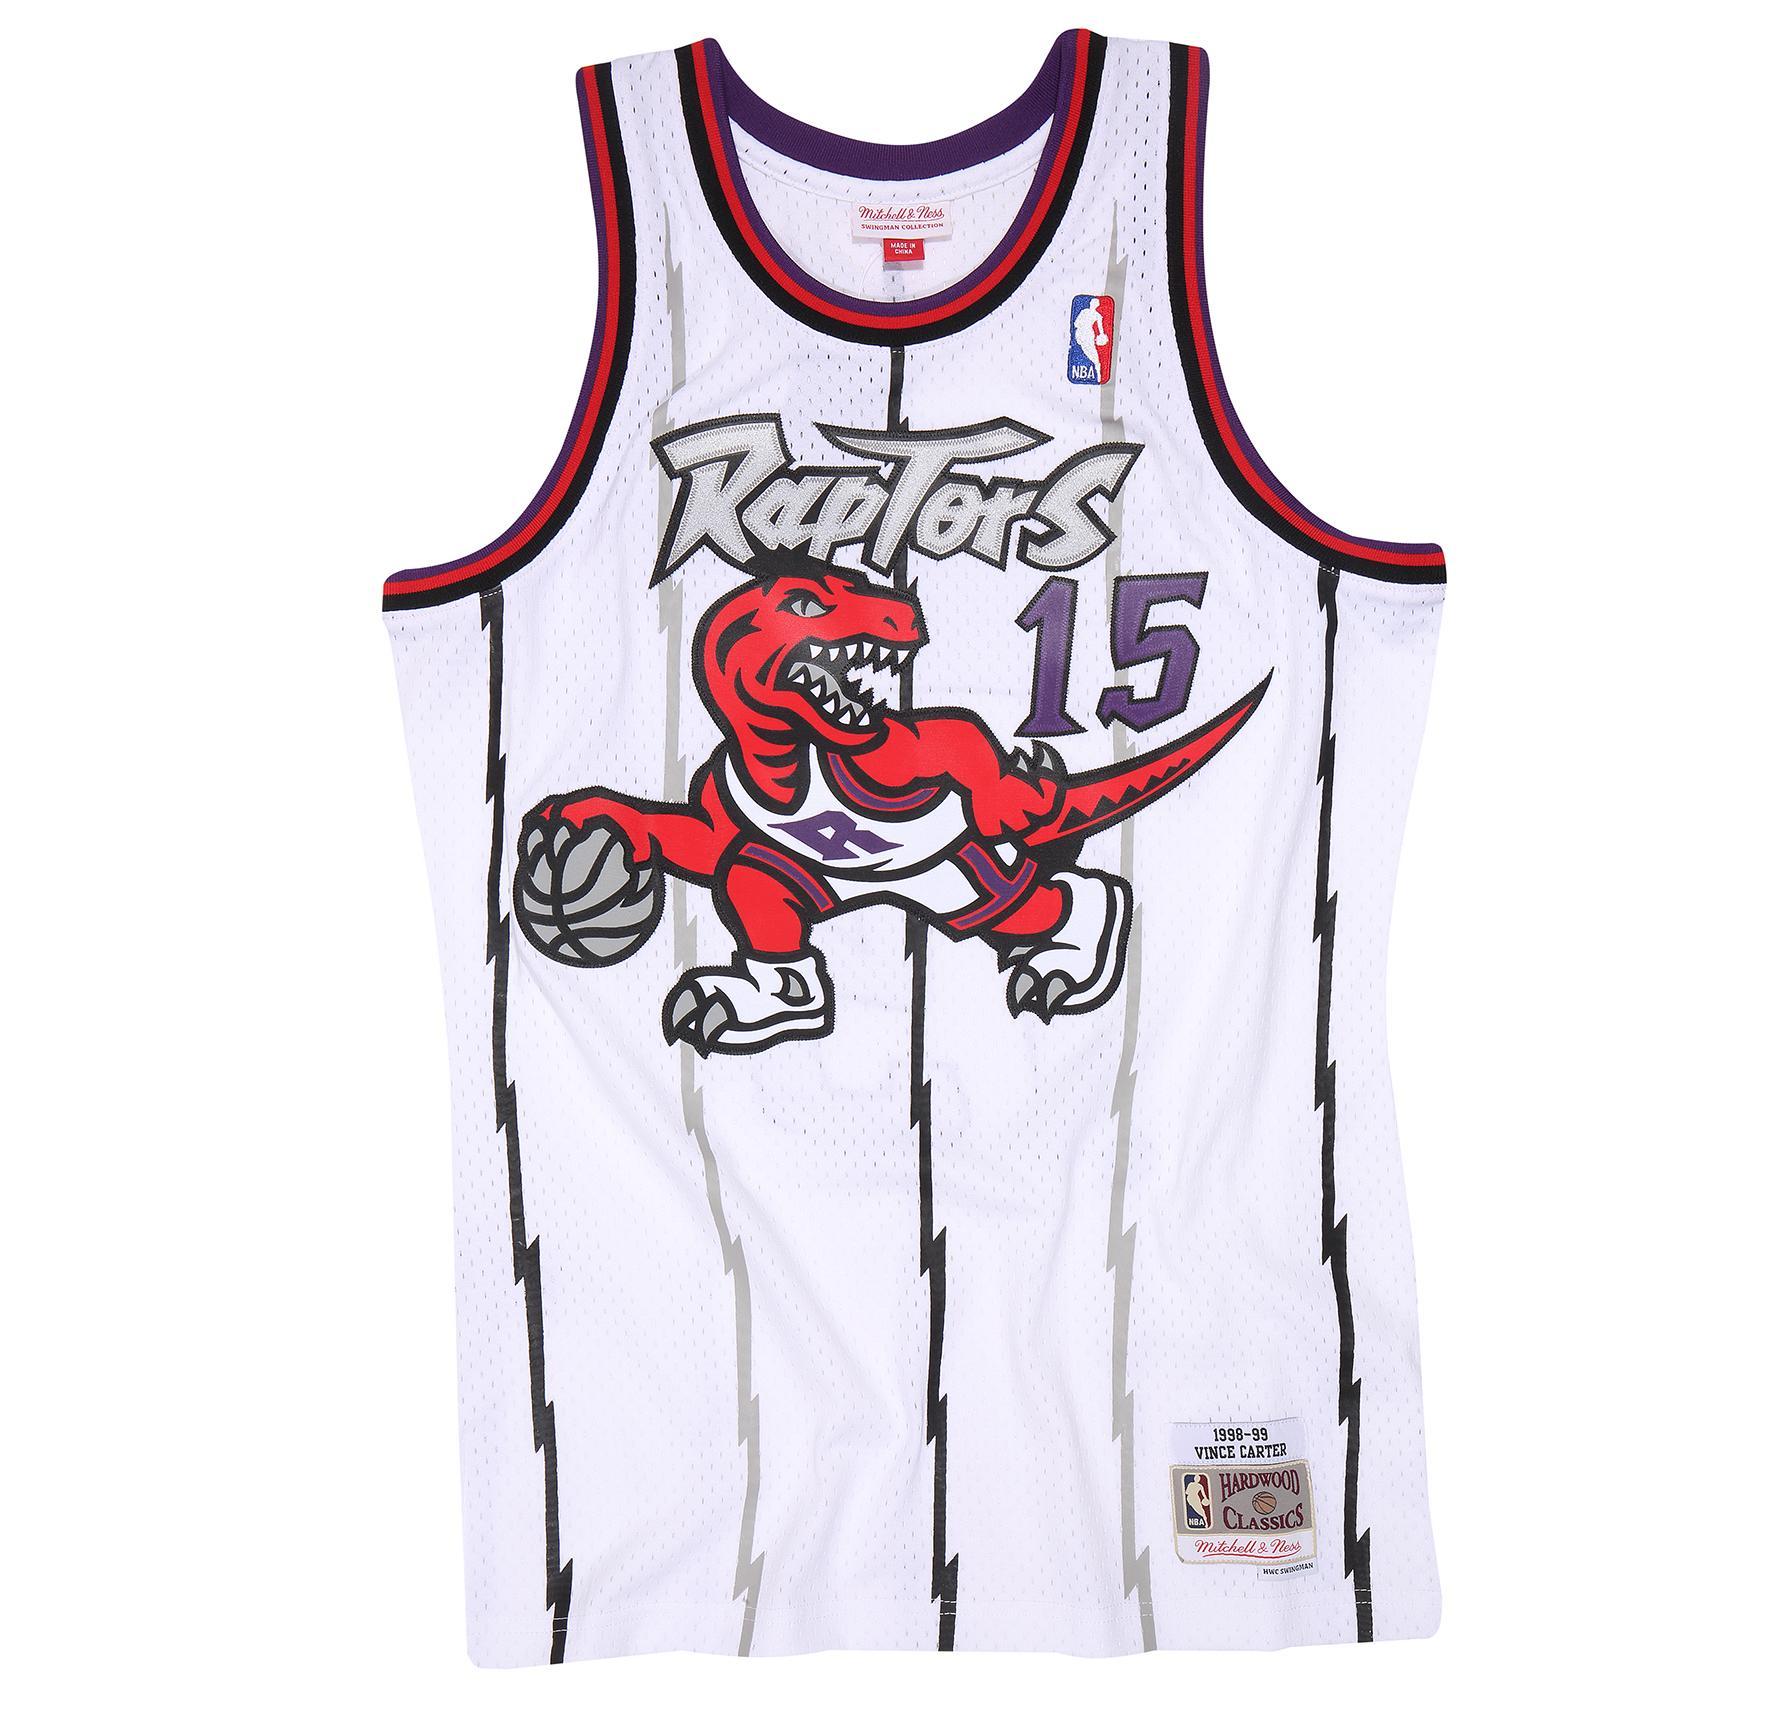 Vince Carter 1998-99 Home Swingman Jersey Toronto Raptors fec717692